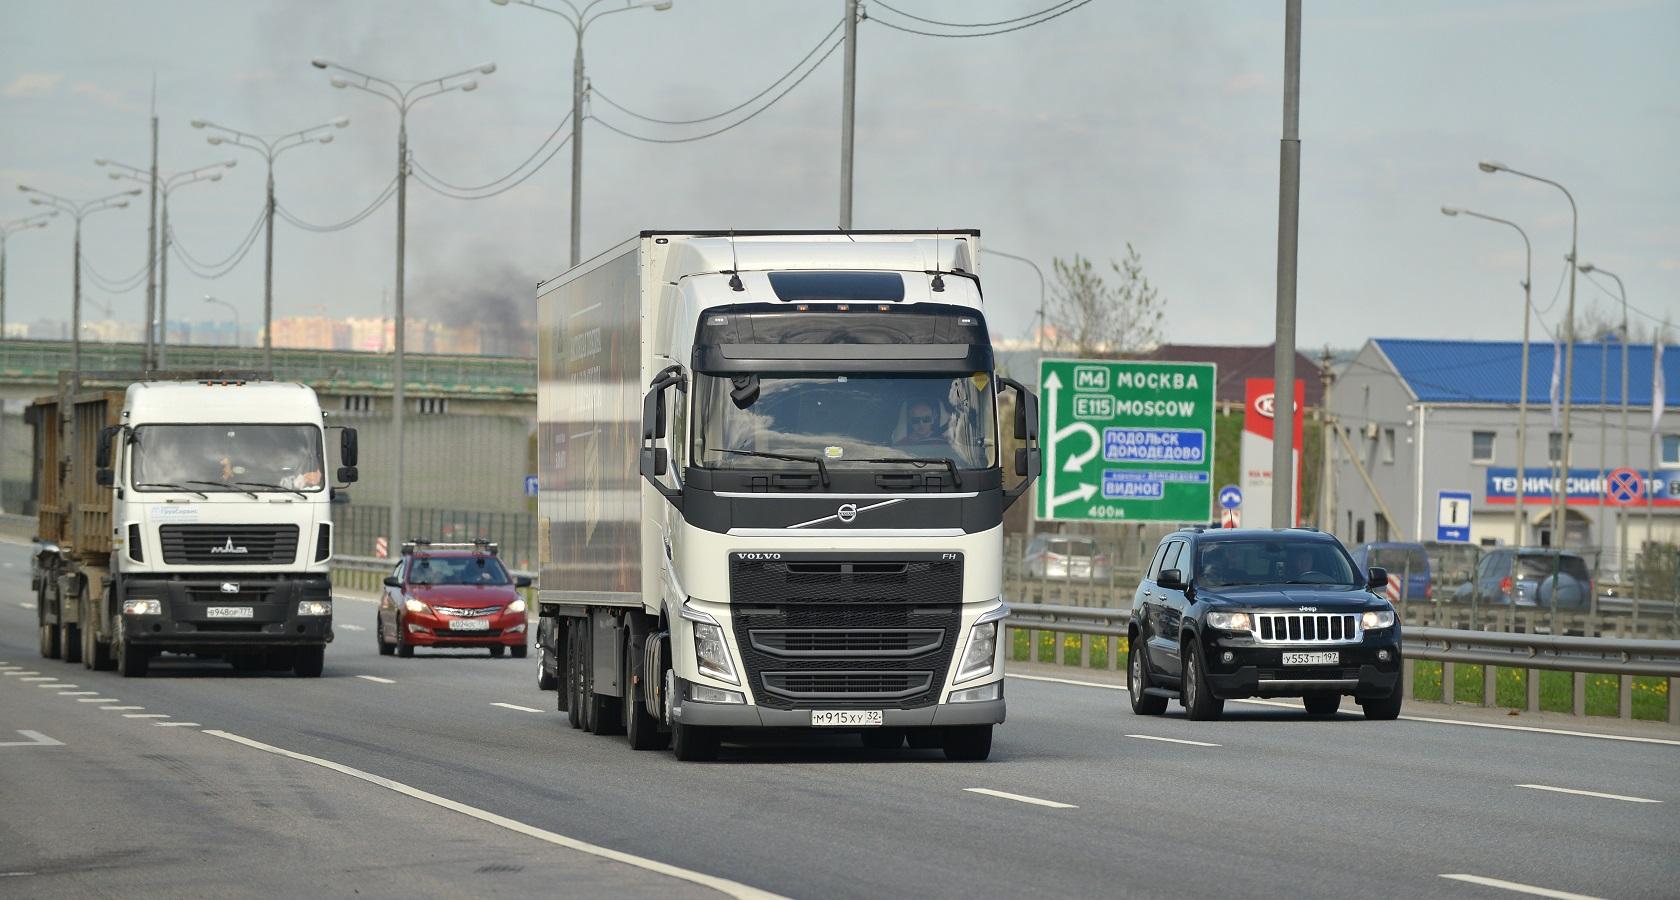 На фоне роста рынка грузовых автомобилей новая законодательная инициатива Минпромторга может защитить интересы отечественных производителей (фото: Денис Хуторецкий)